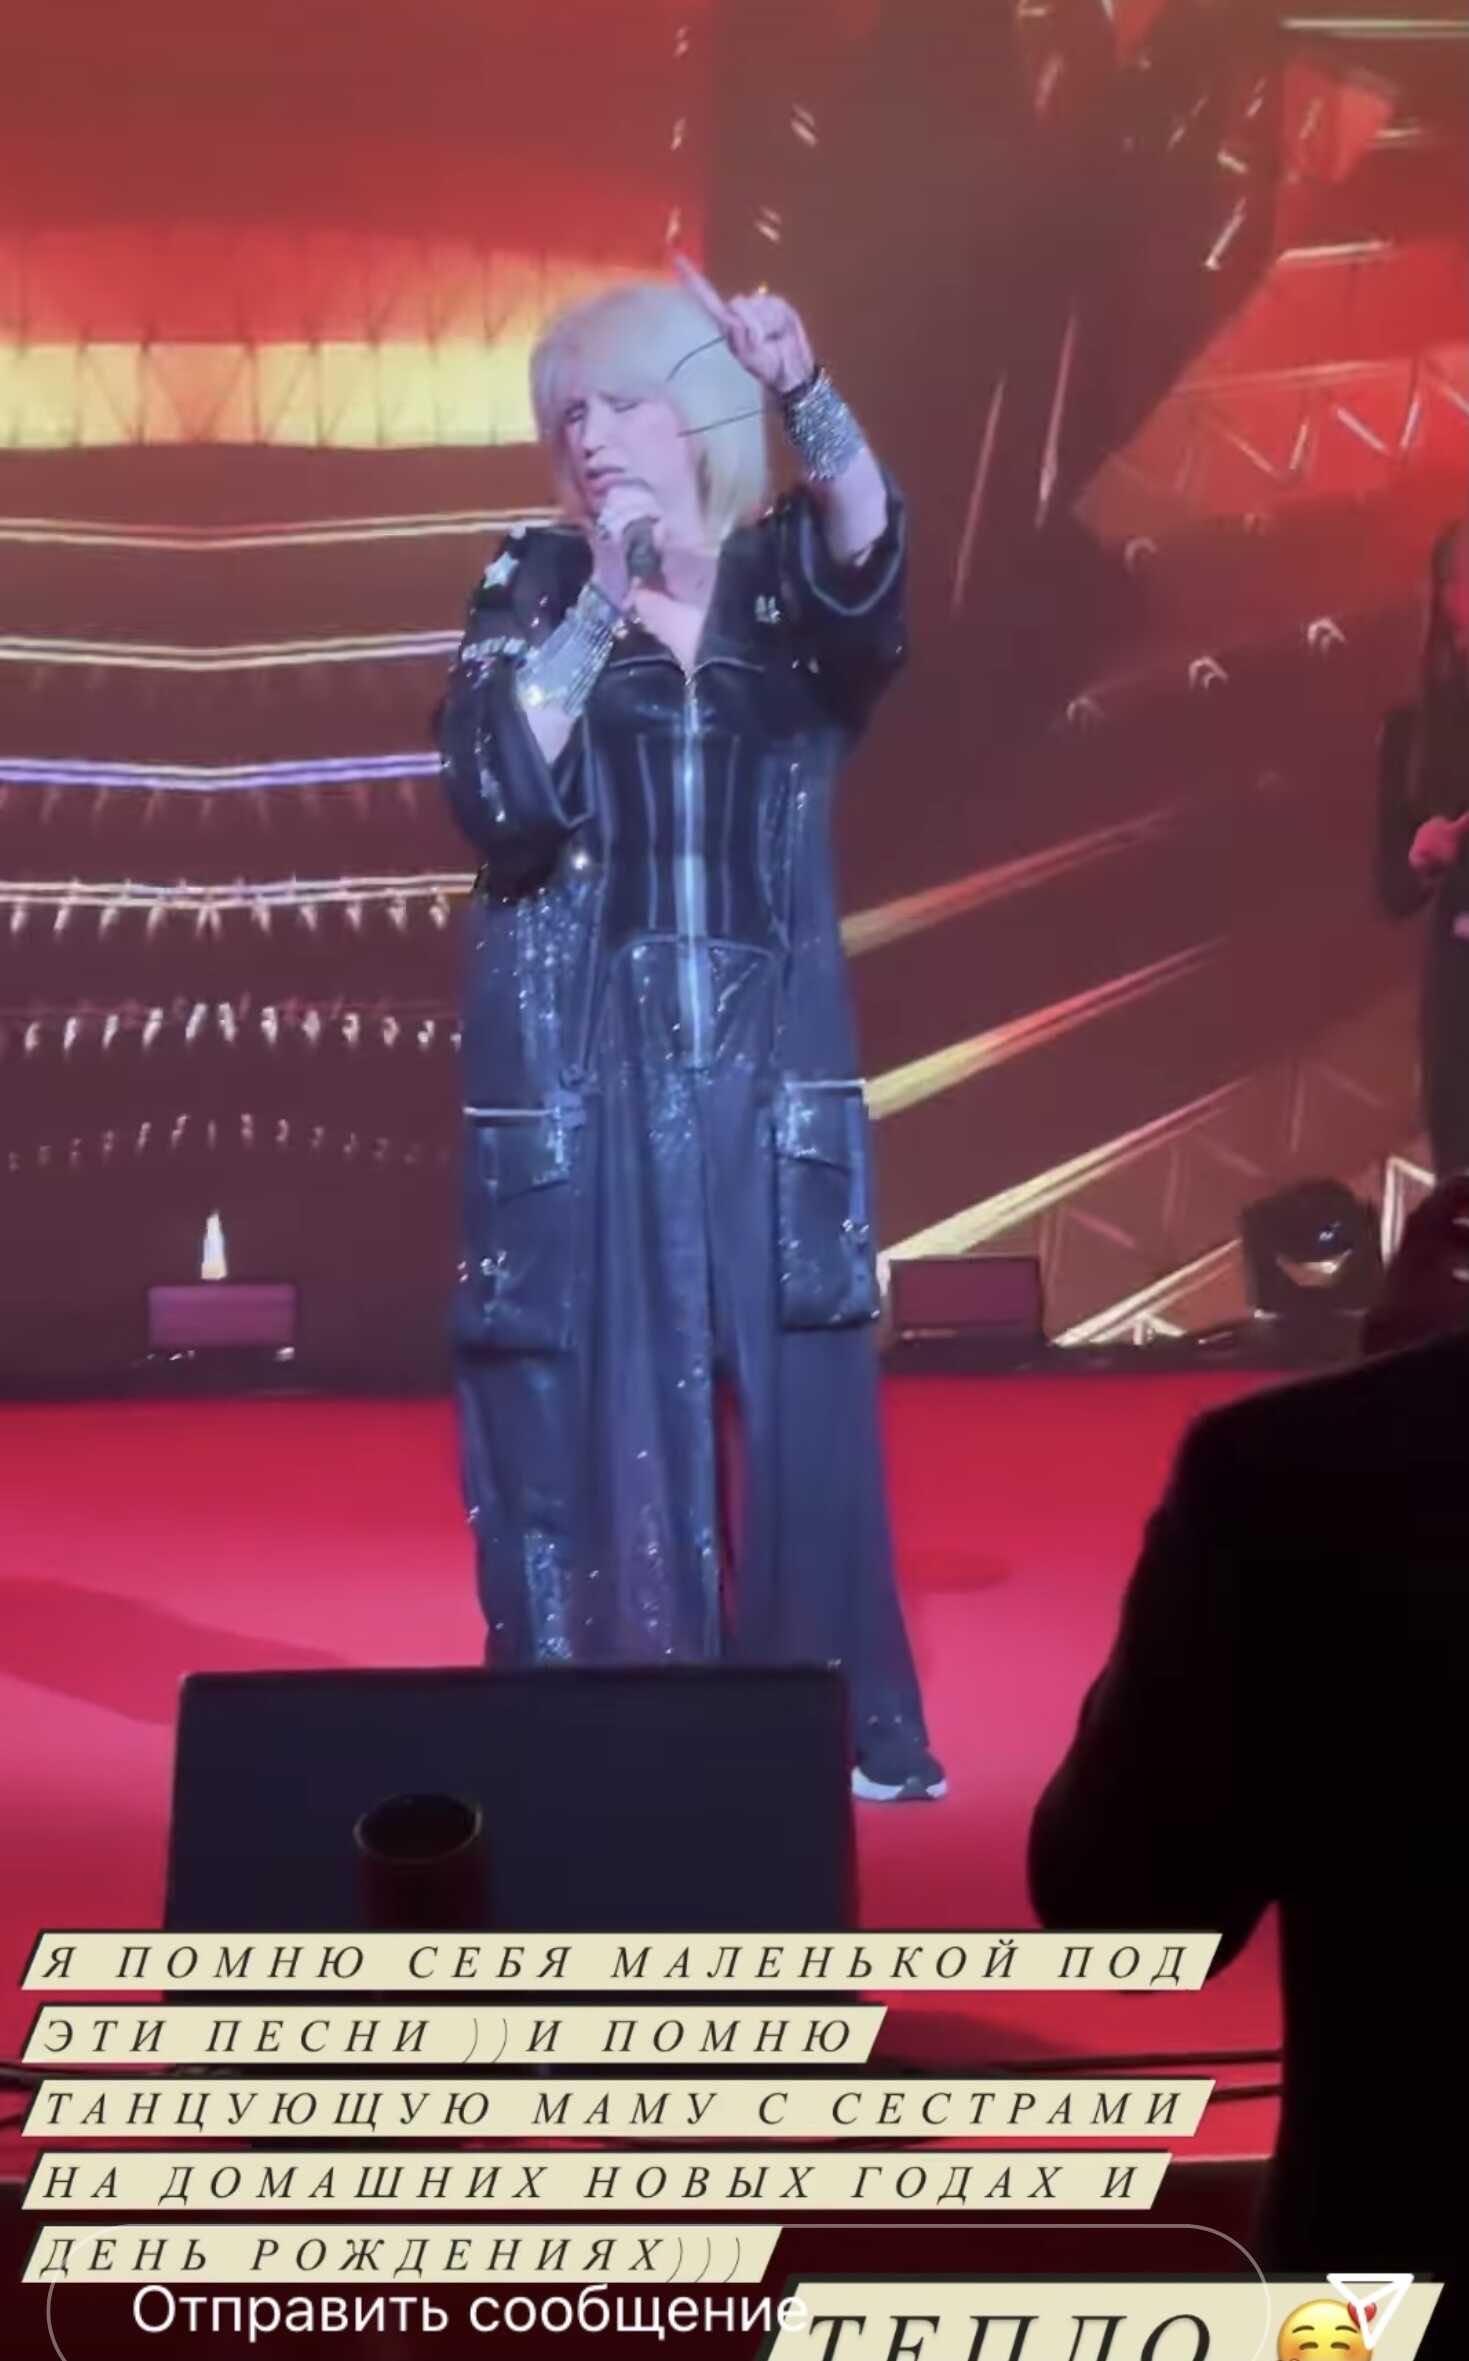 Поклонникам не понравился наряд Оксаны Самойловой в стиле 90-х